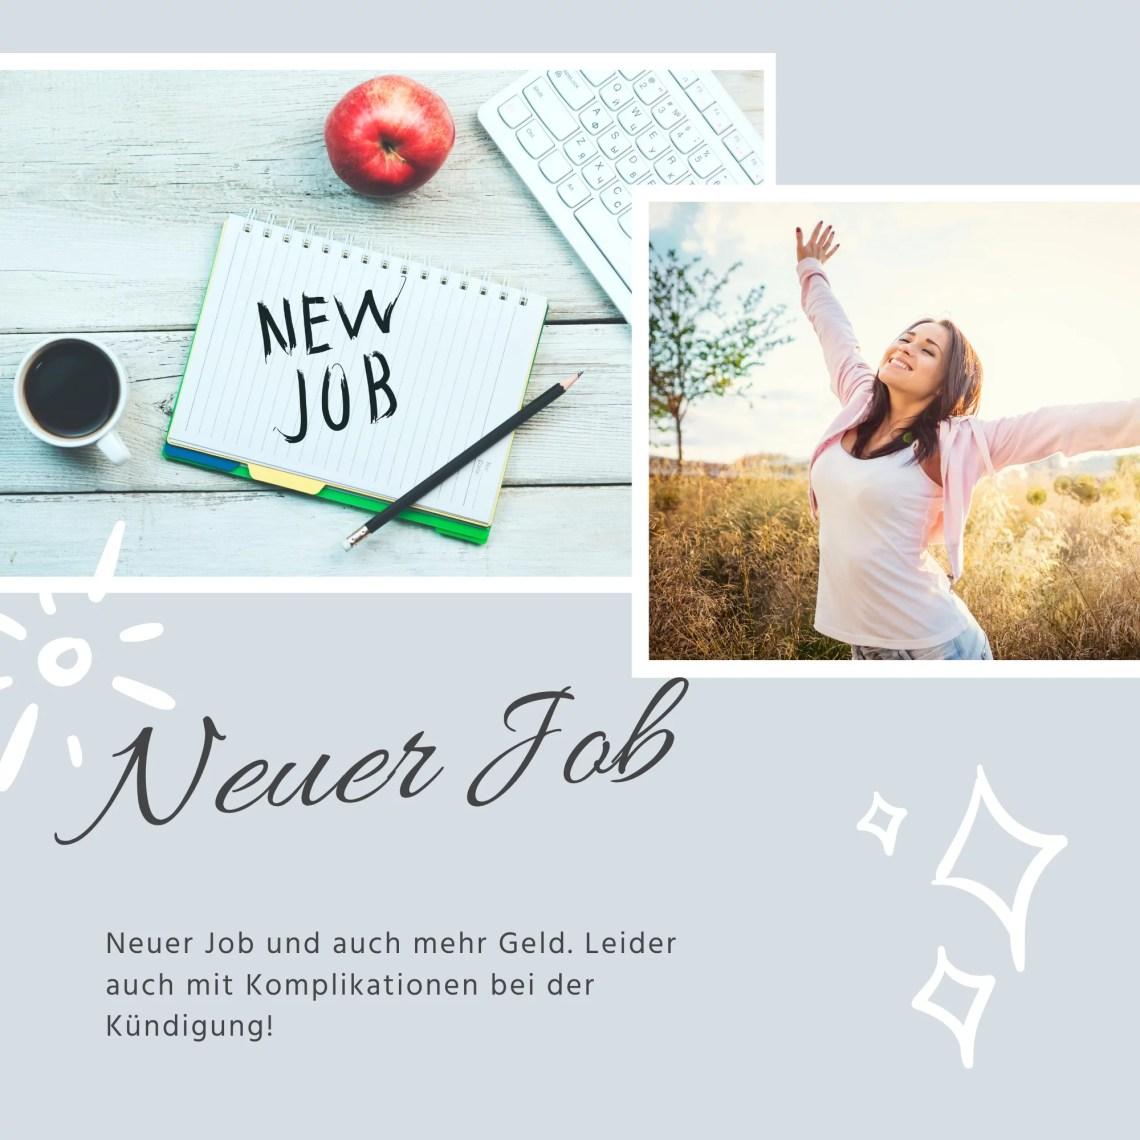 Neuer Job und mehr Geld